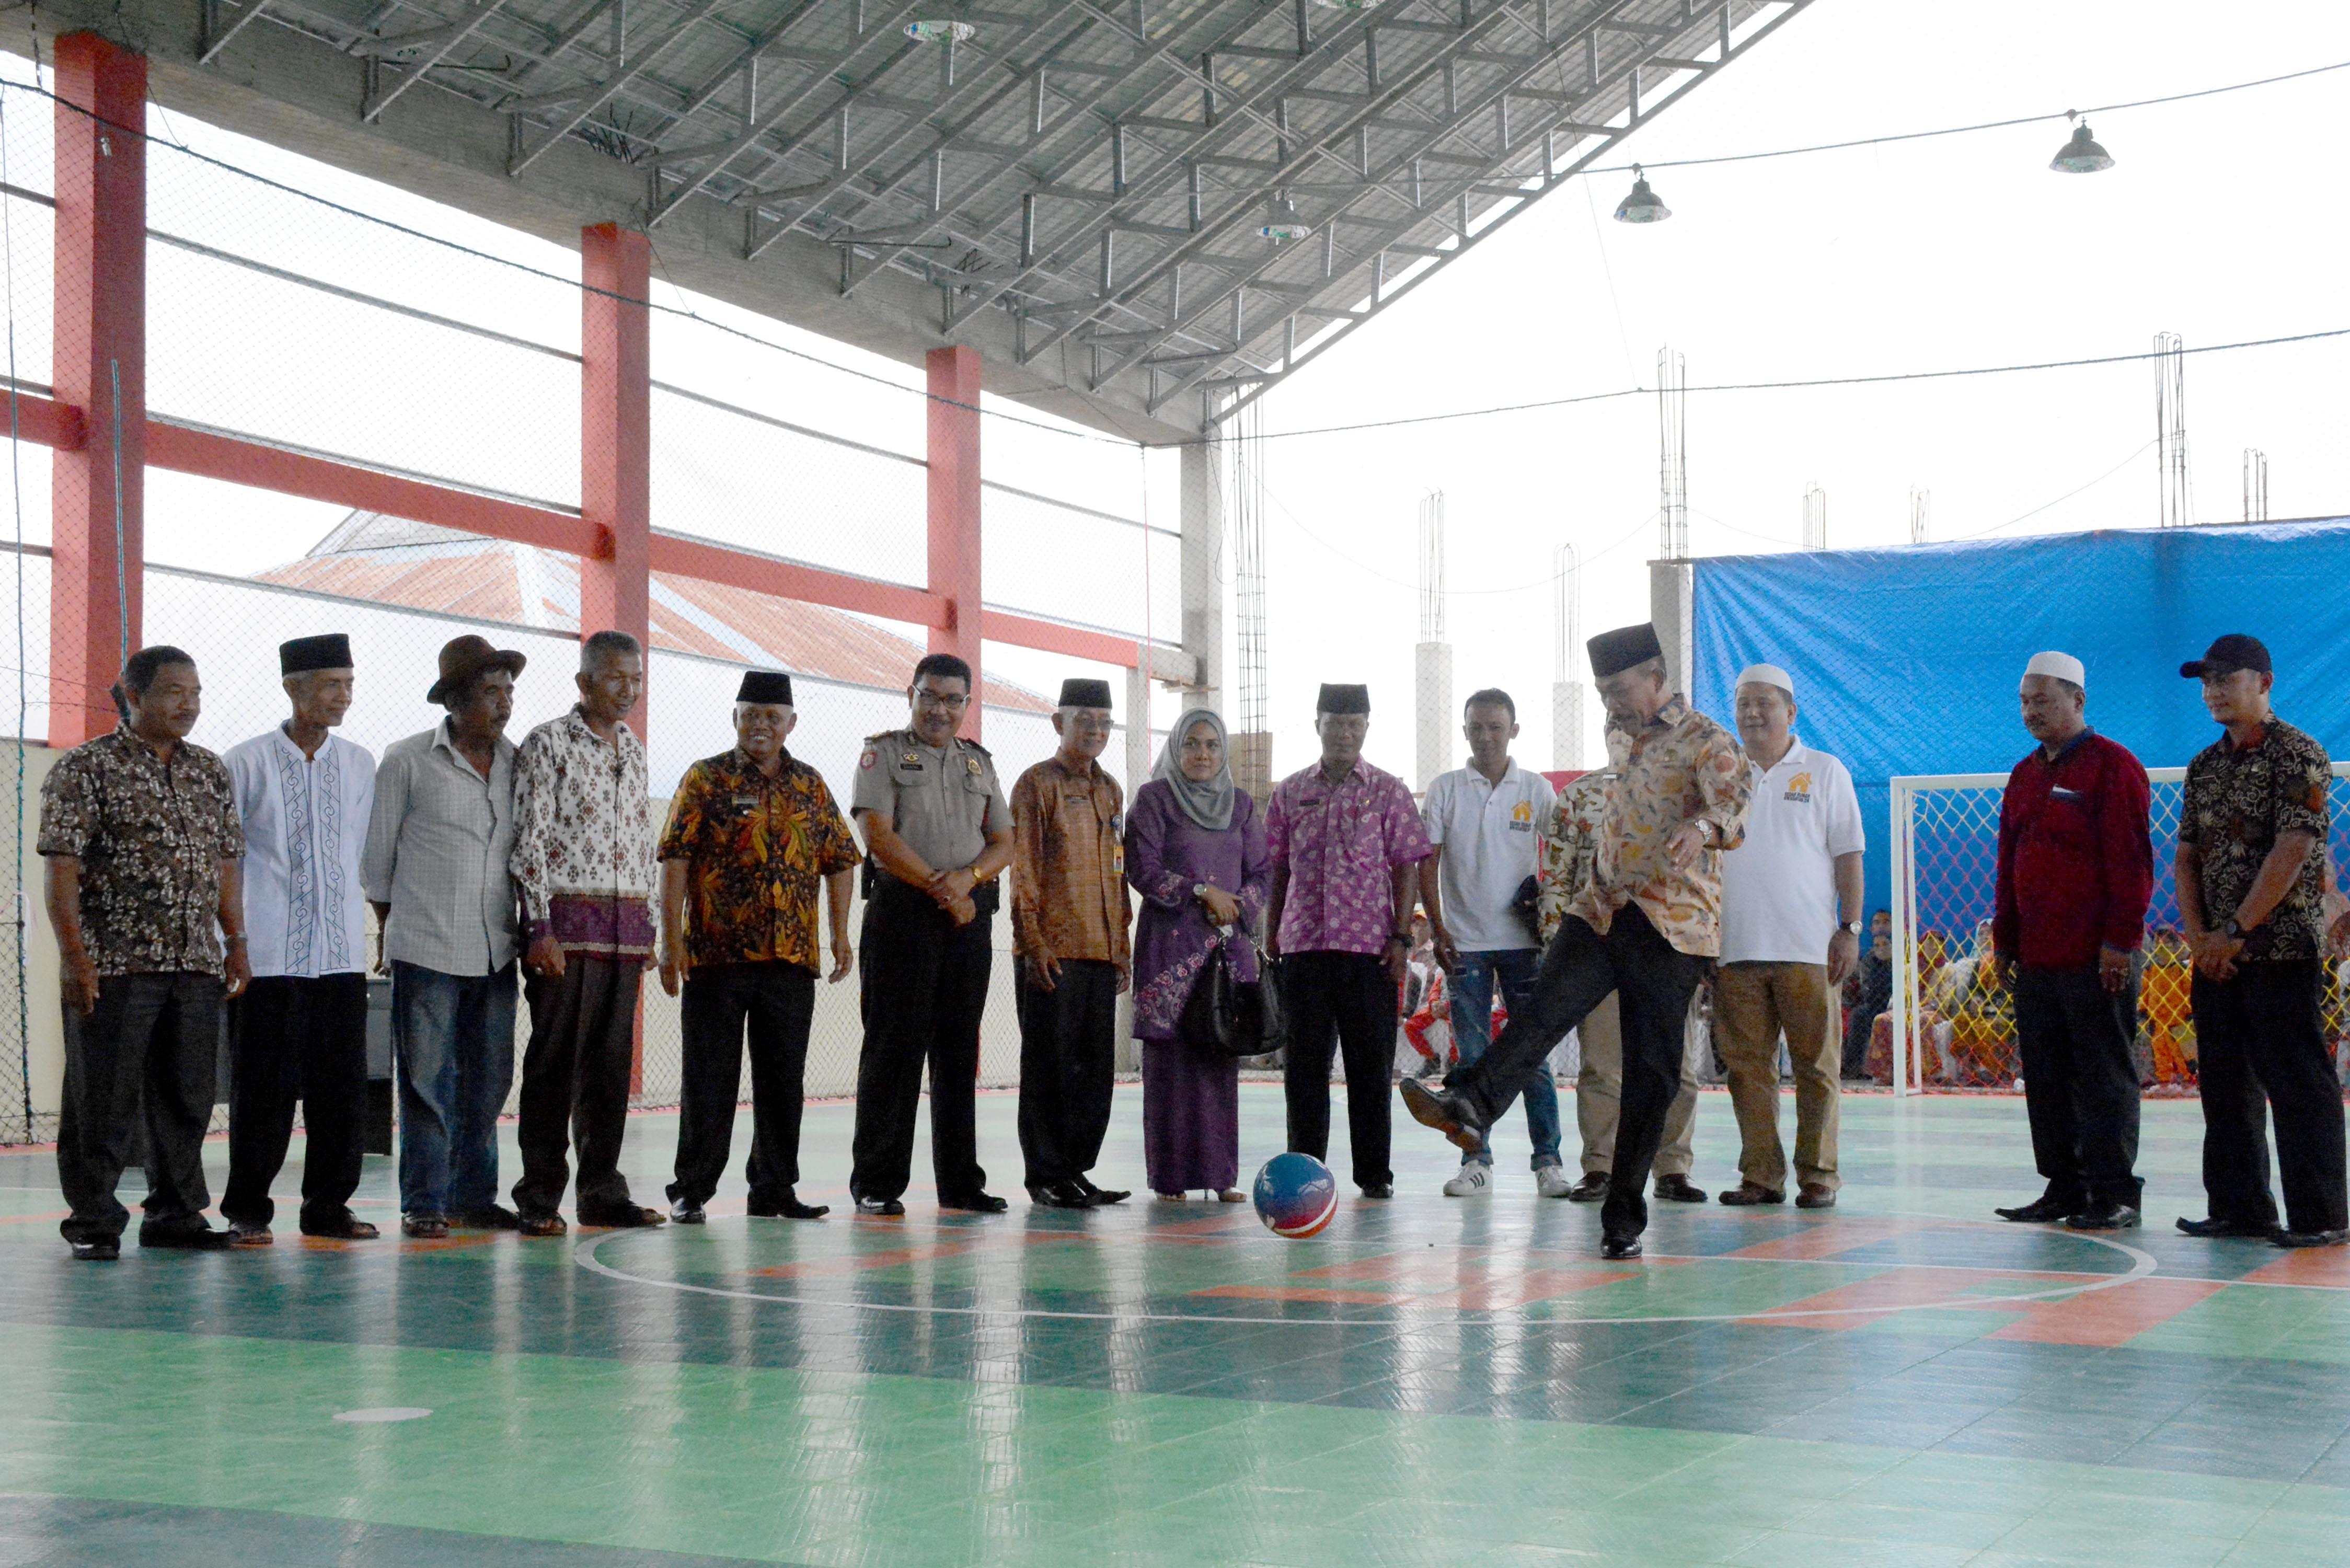 Wabup Zuldafri Resmikan Lapangan Futsal Gita Simpang Gobah Rambatan